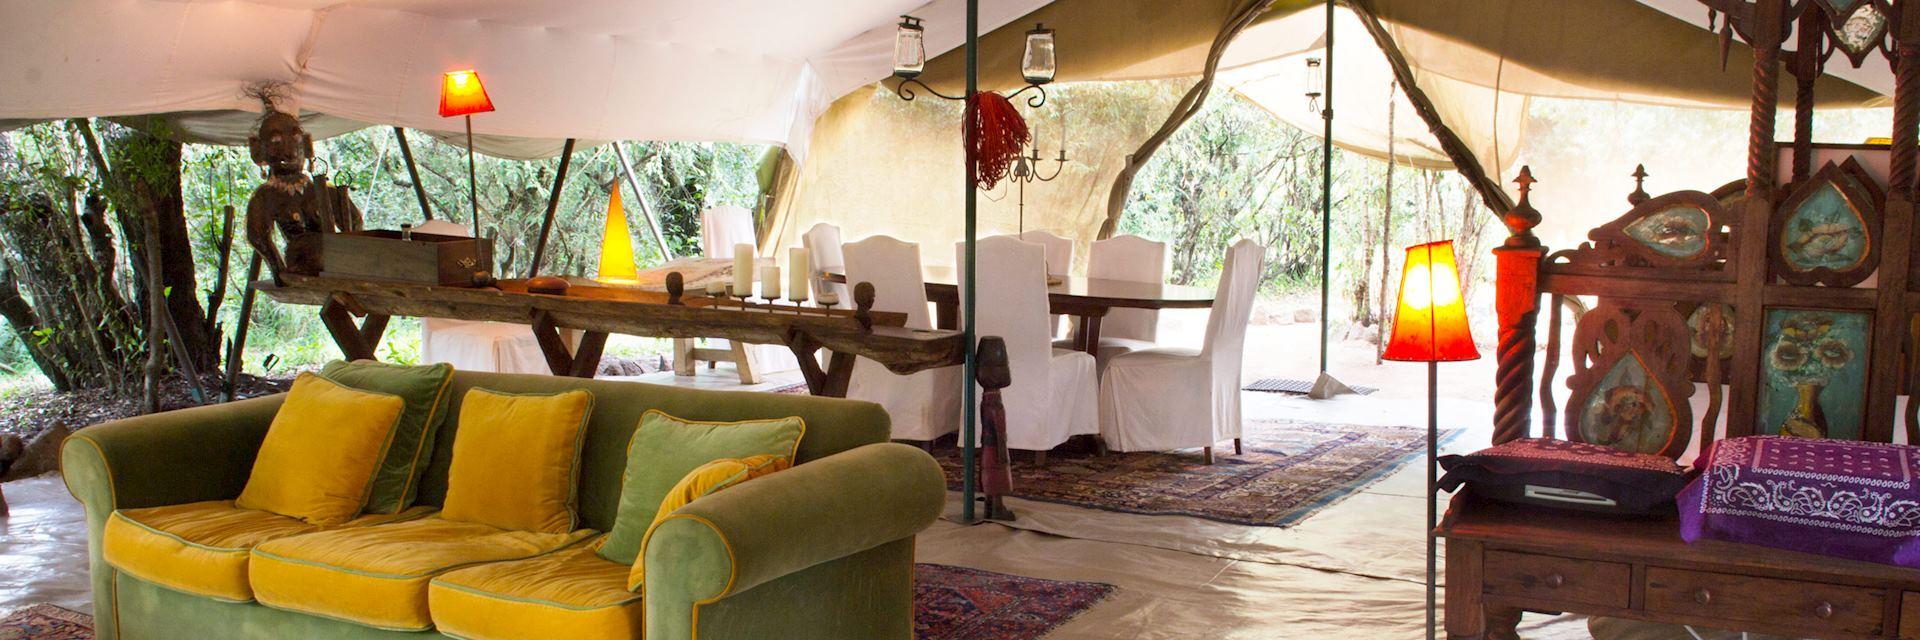 Speke's Camp, Kenya